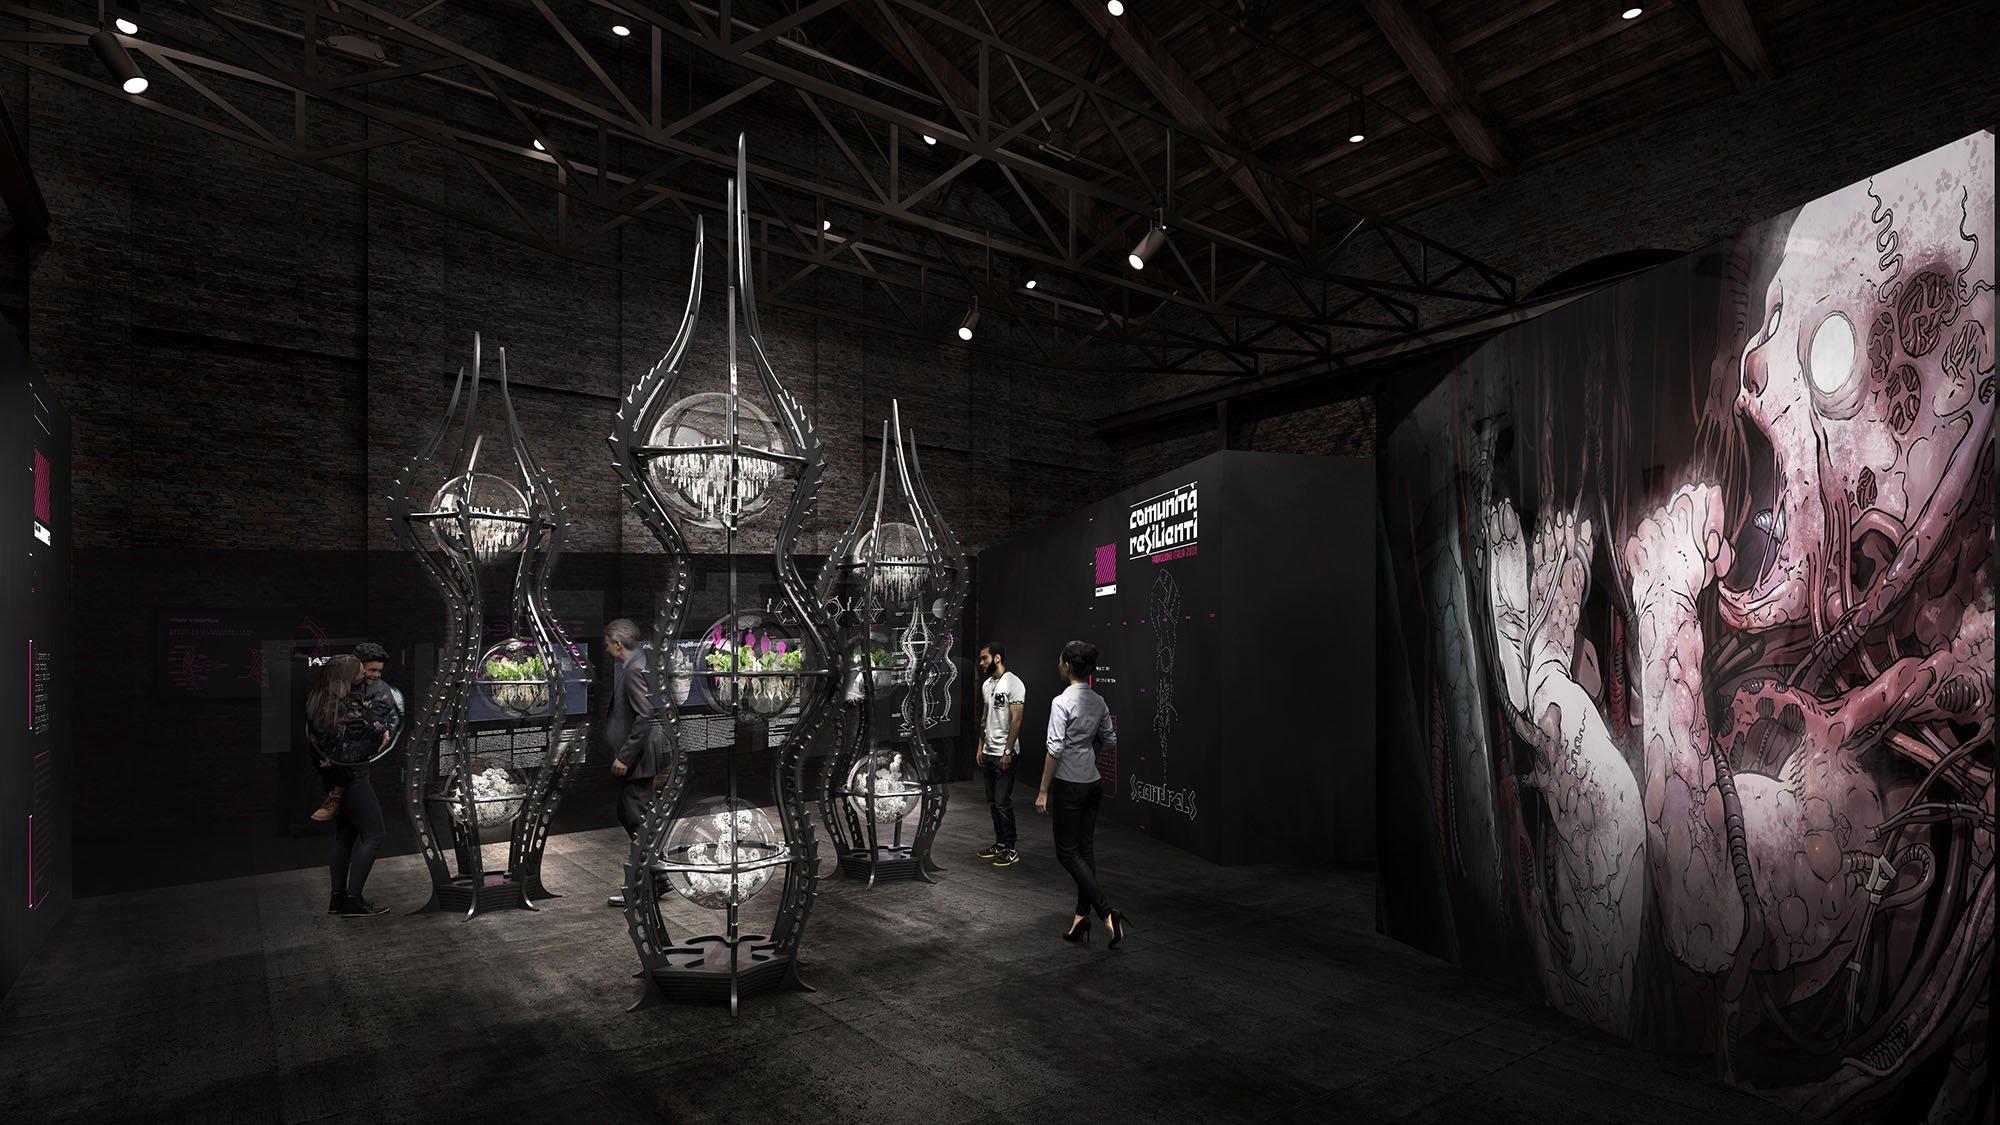 """Padiglione Italia. Sezione """"Architectural Exaptation"""" e Installazione curatoriale """"Spandrel""""."""